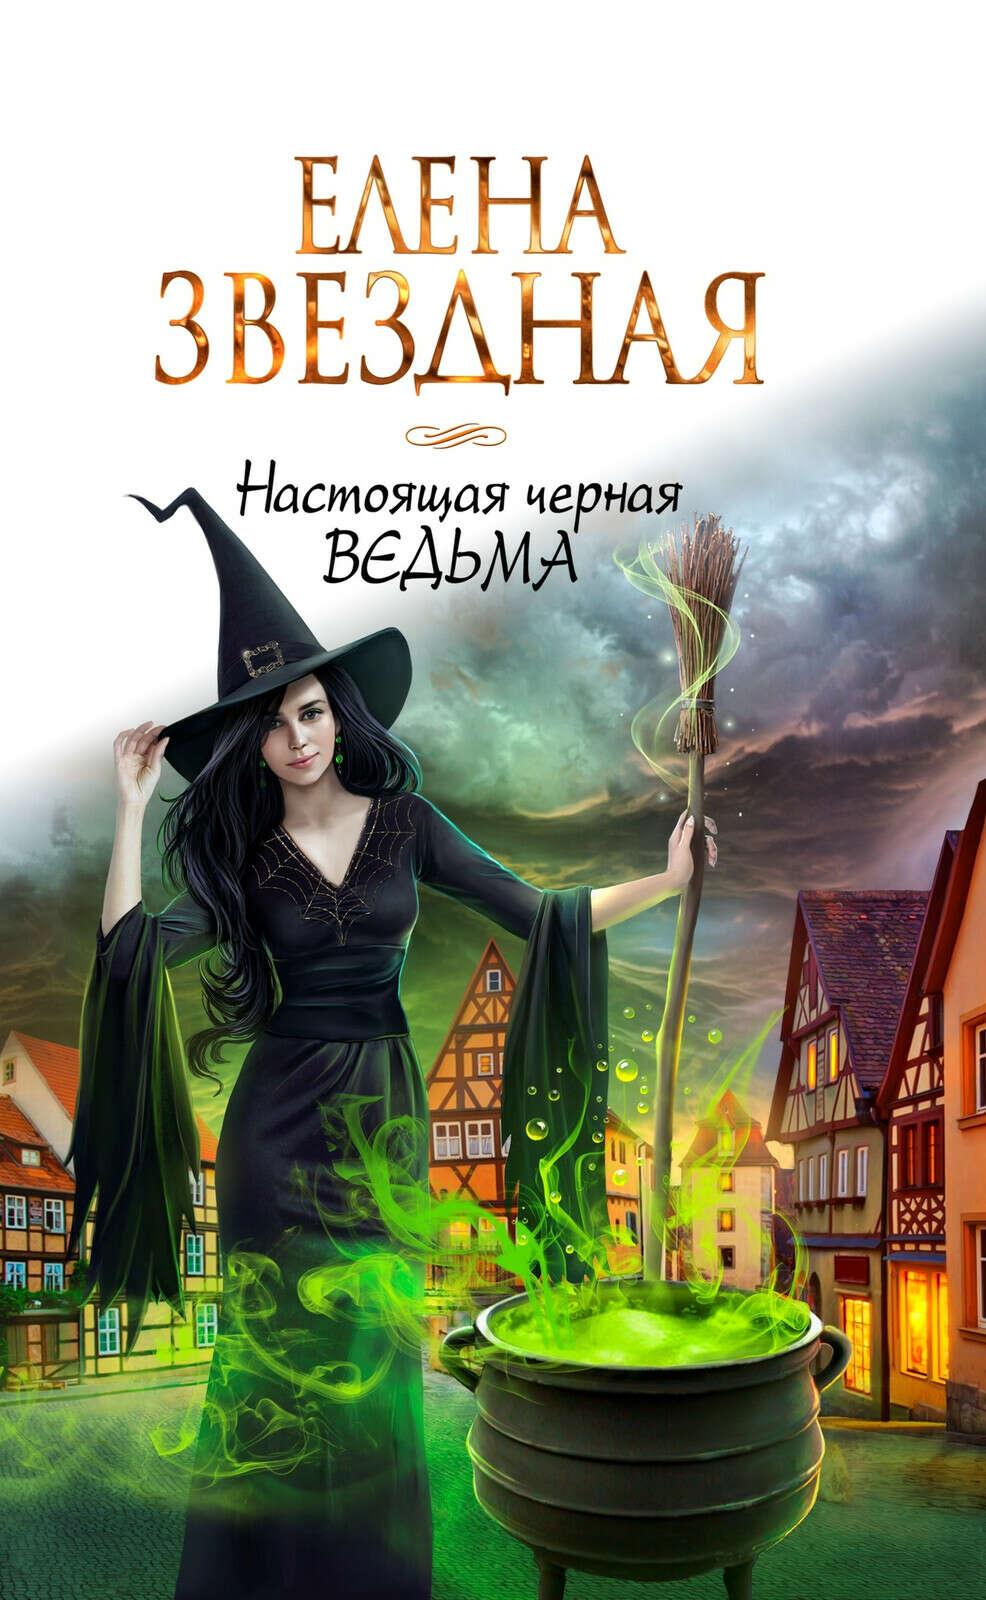 """Звездная """"Настоящая черная ведьма"""""""